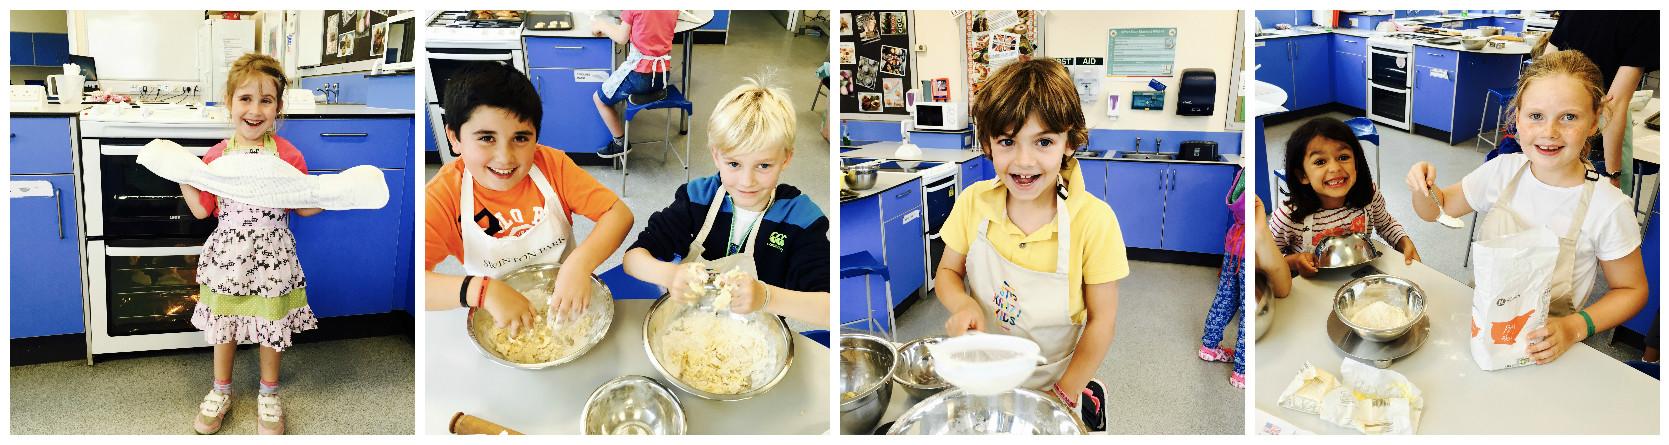 Stir Krazy Kids - happy bakers